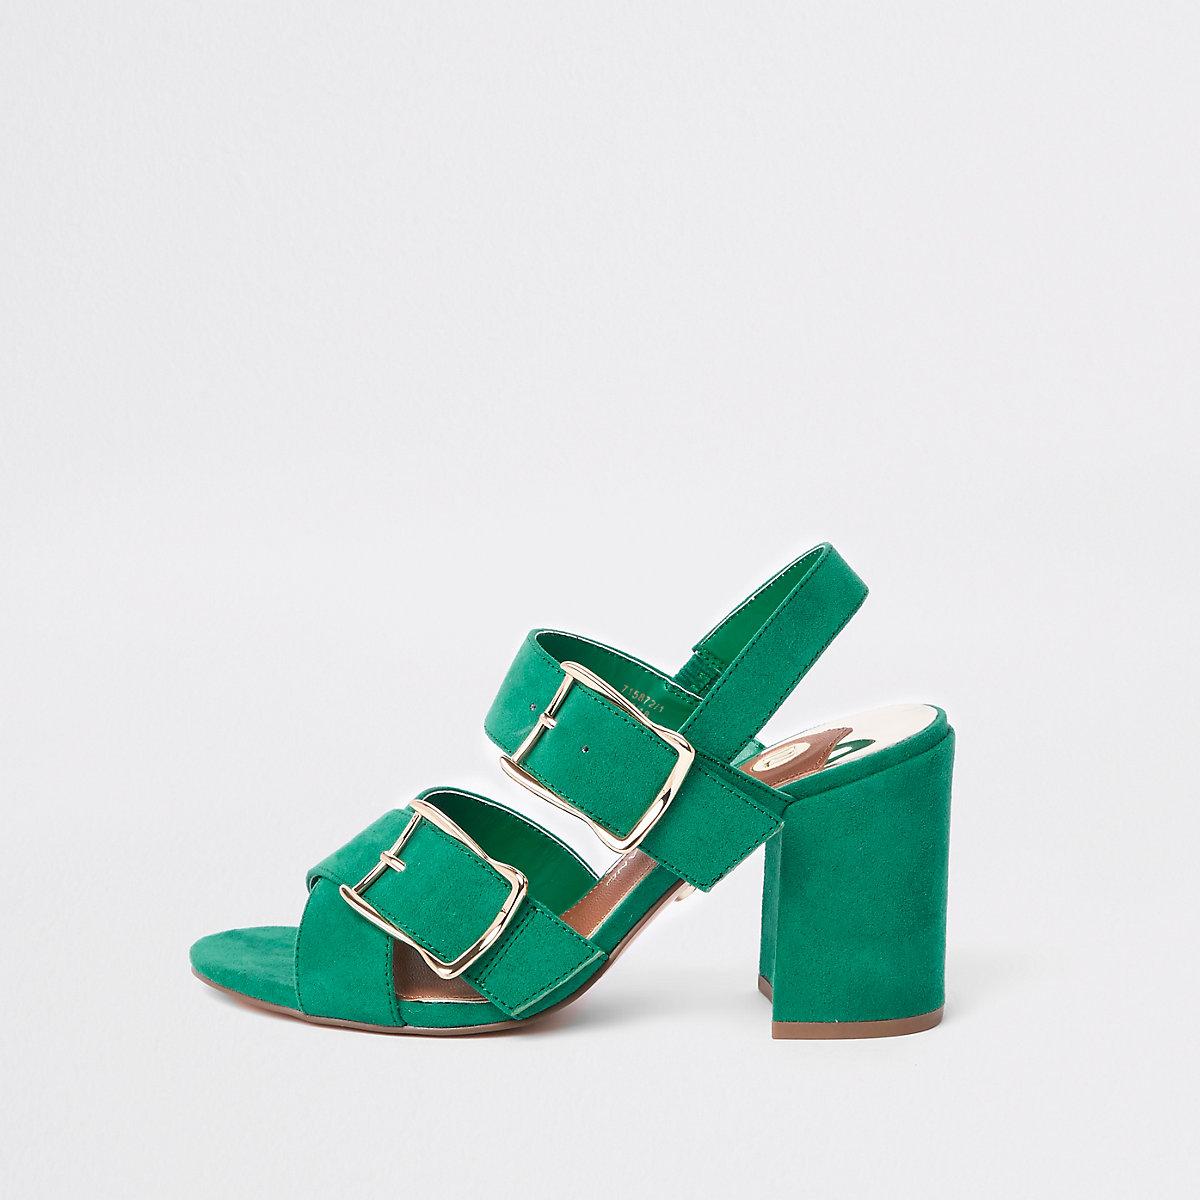 Green double buckle heel sandals